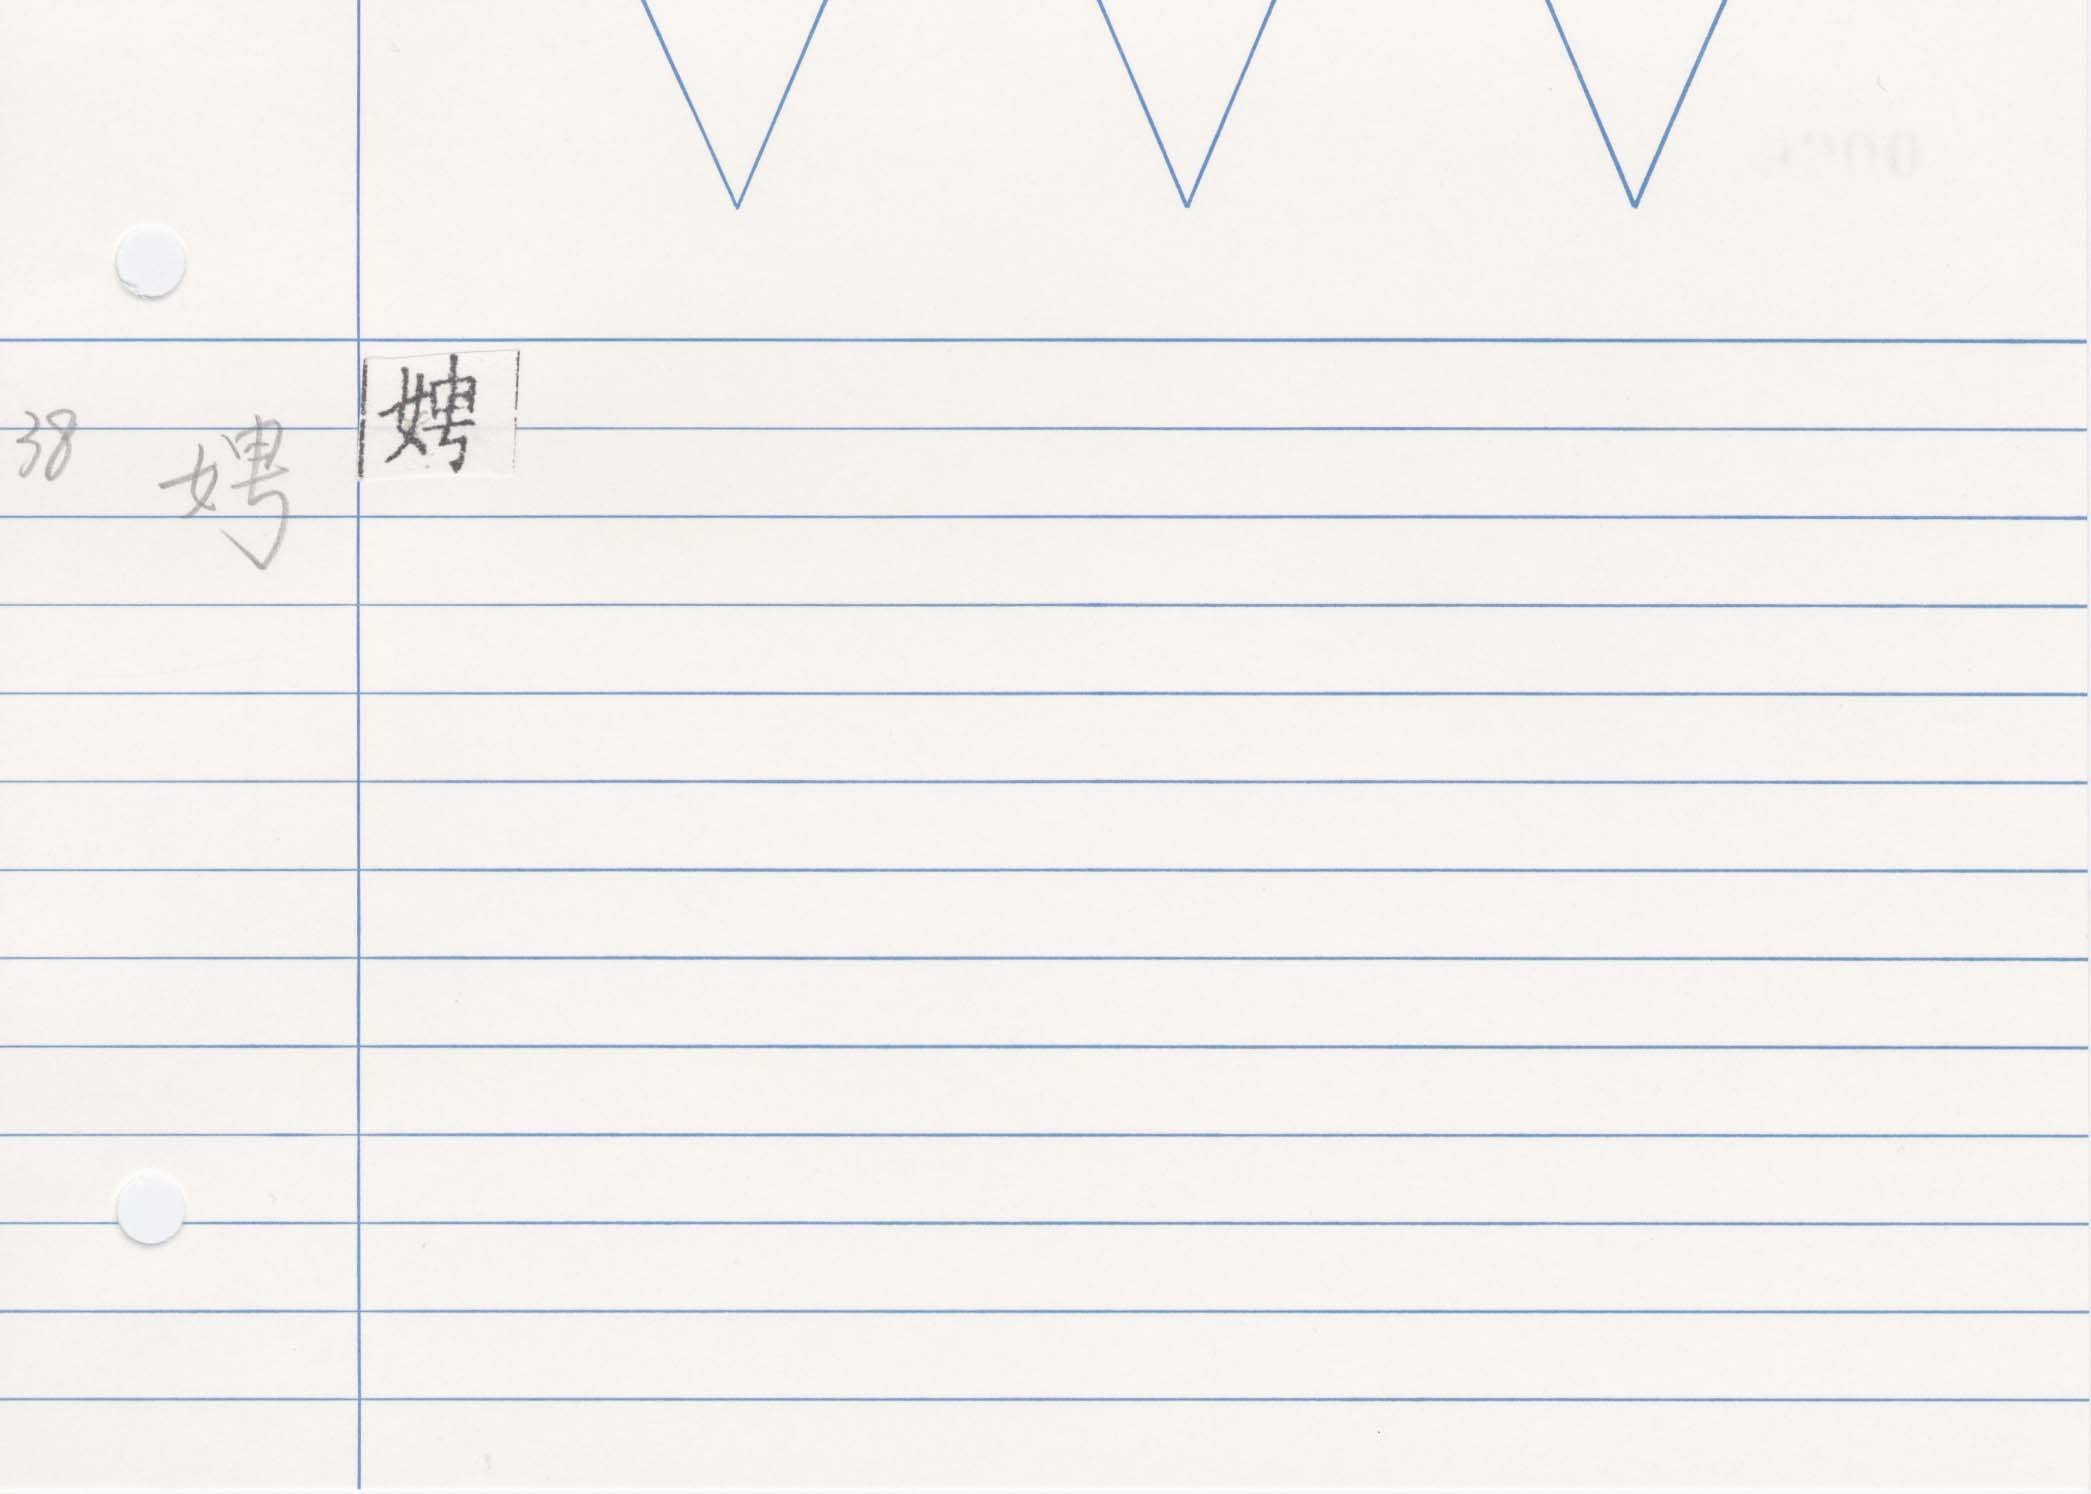 26_齊民要術卷五(高山寺本)/cards/0066.jpg